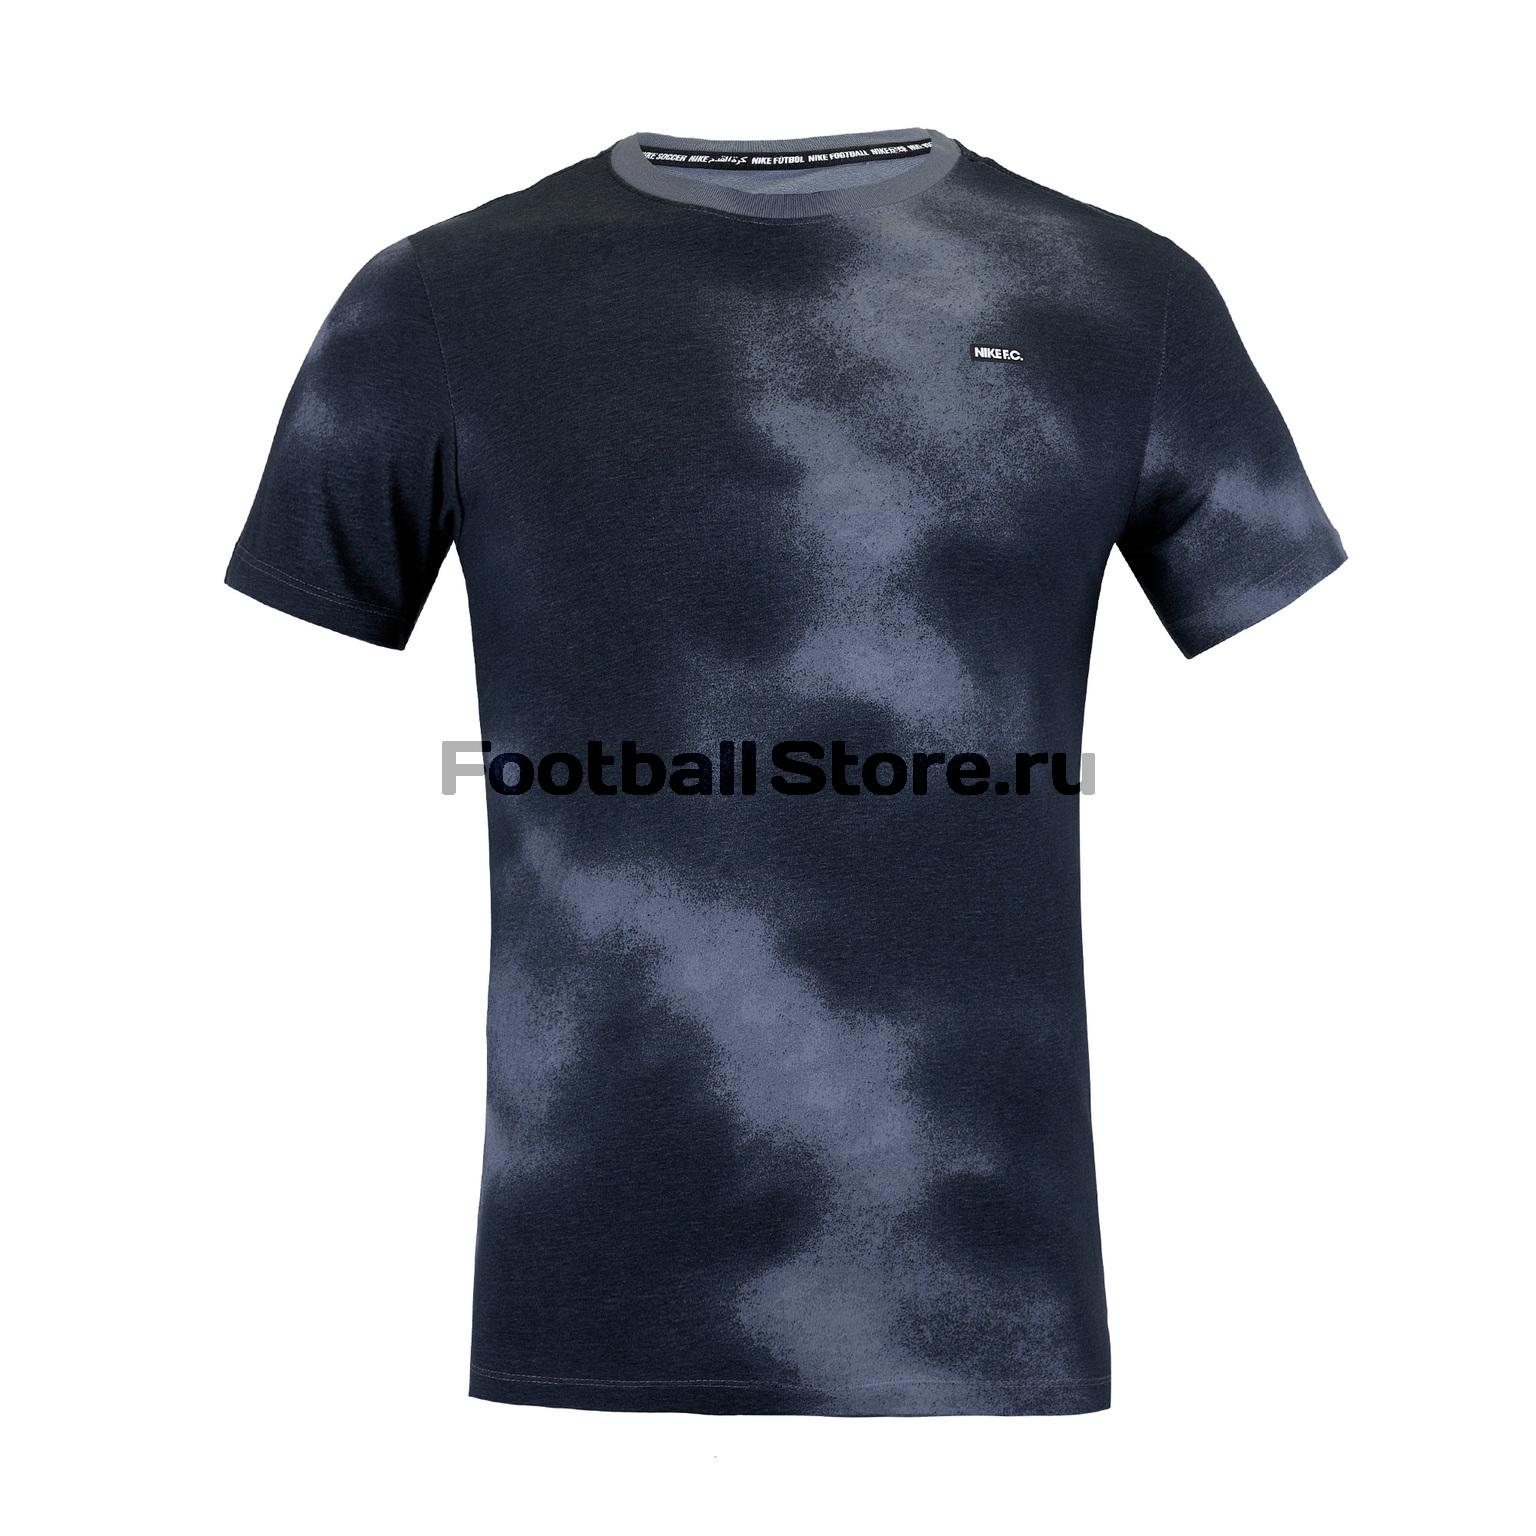 цена на Футболка Nike F.C. BQ4662-065